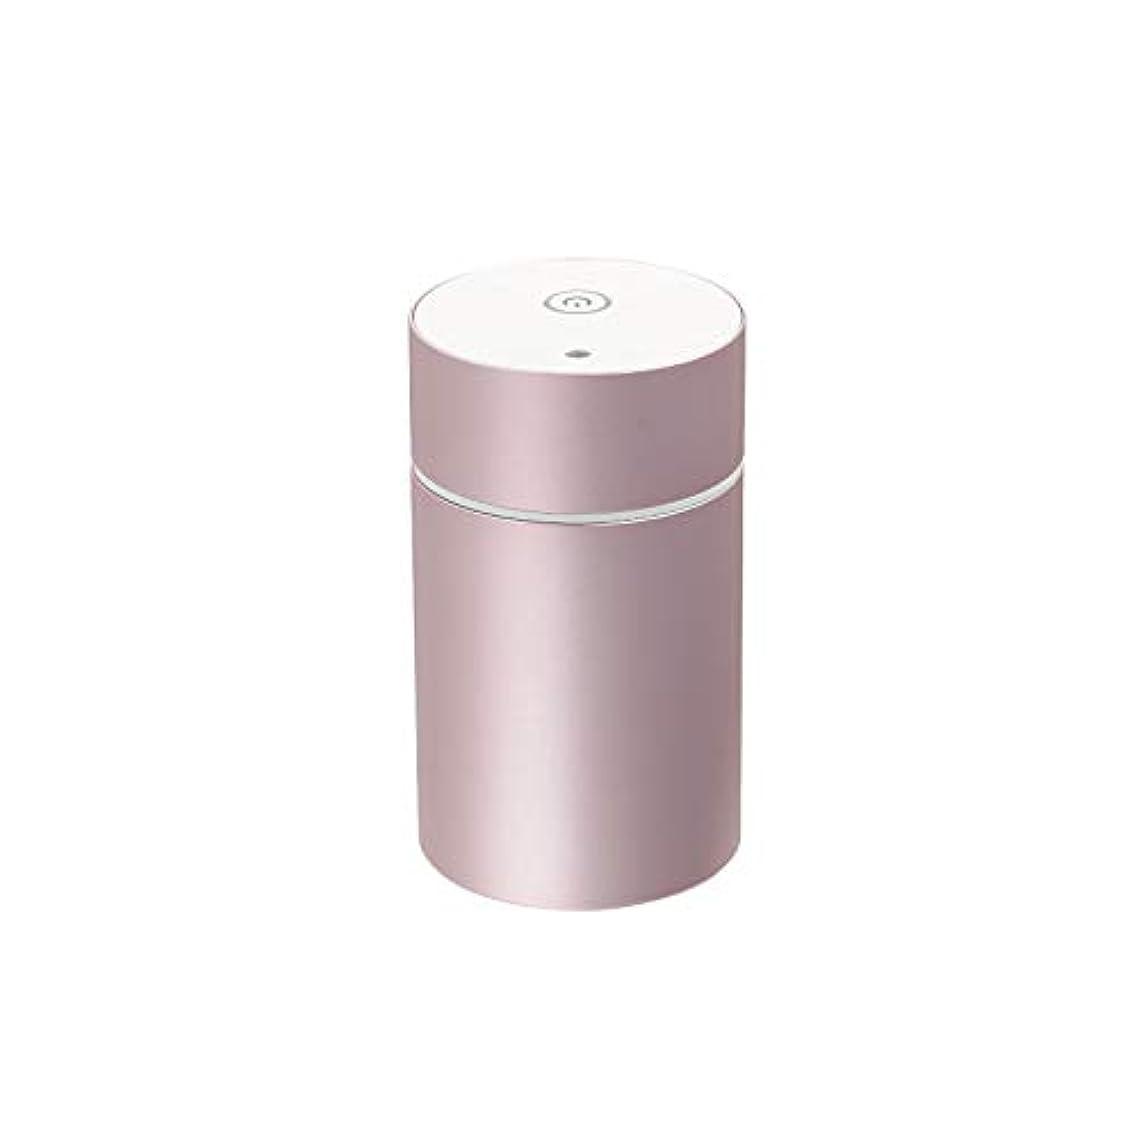 世紀頑固な繊維生活の木 アロマディフューザー(ピンク)aromore mini(アロモアミニ) 08-801-7020